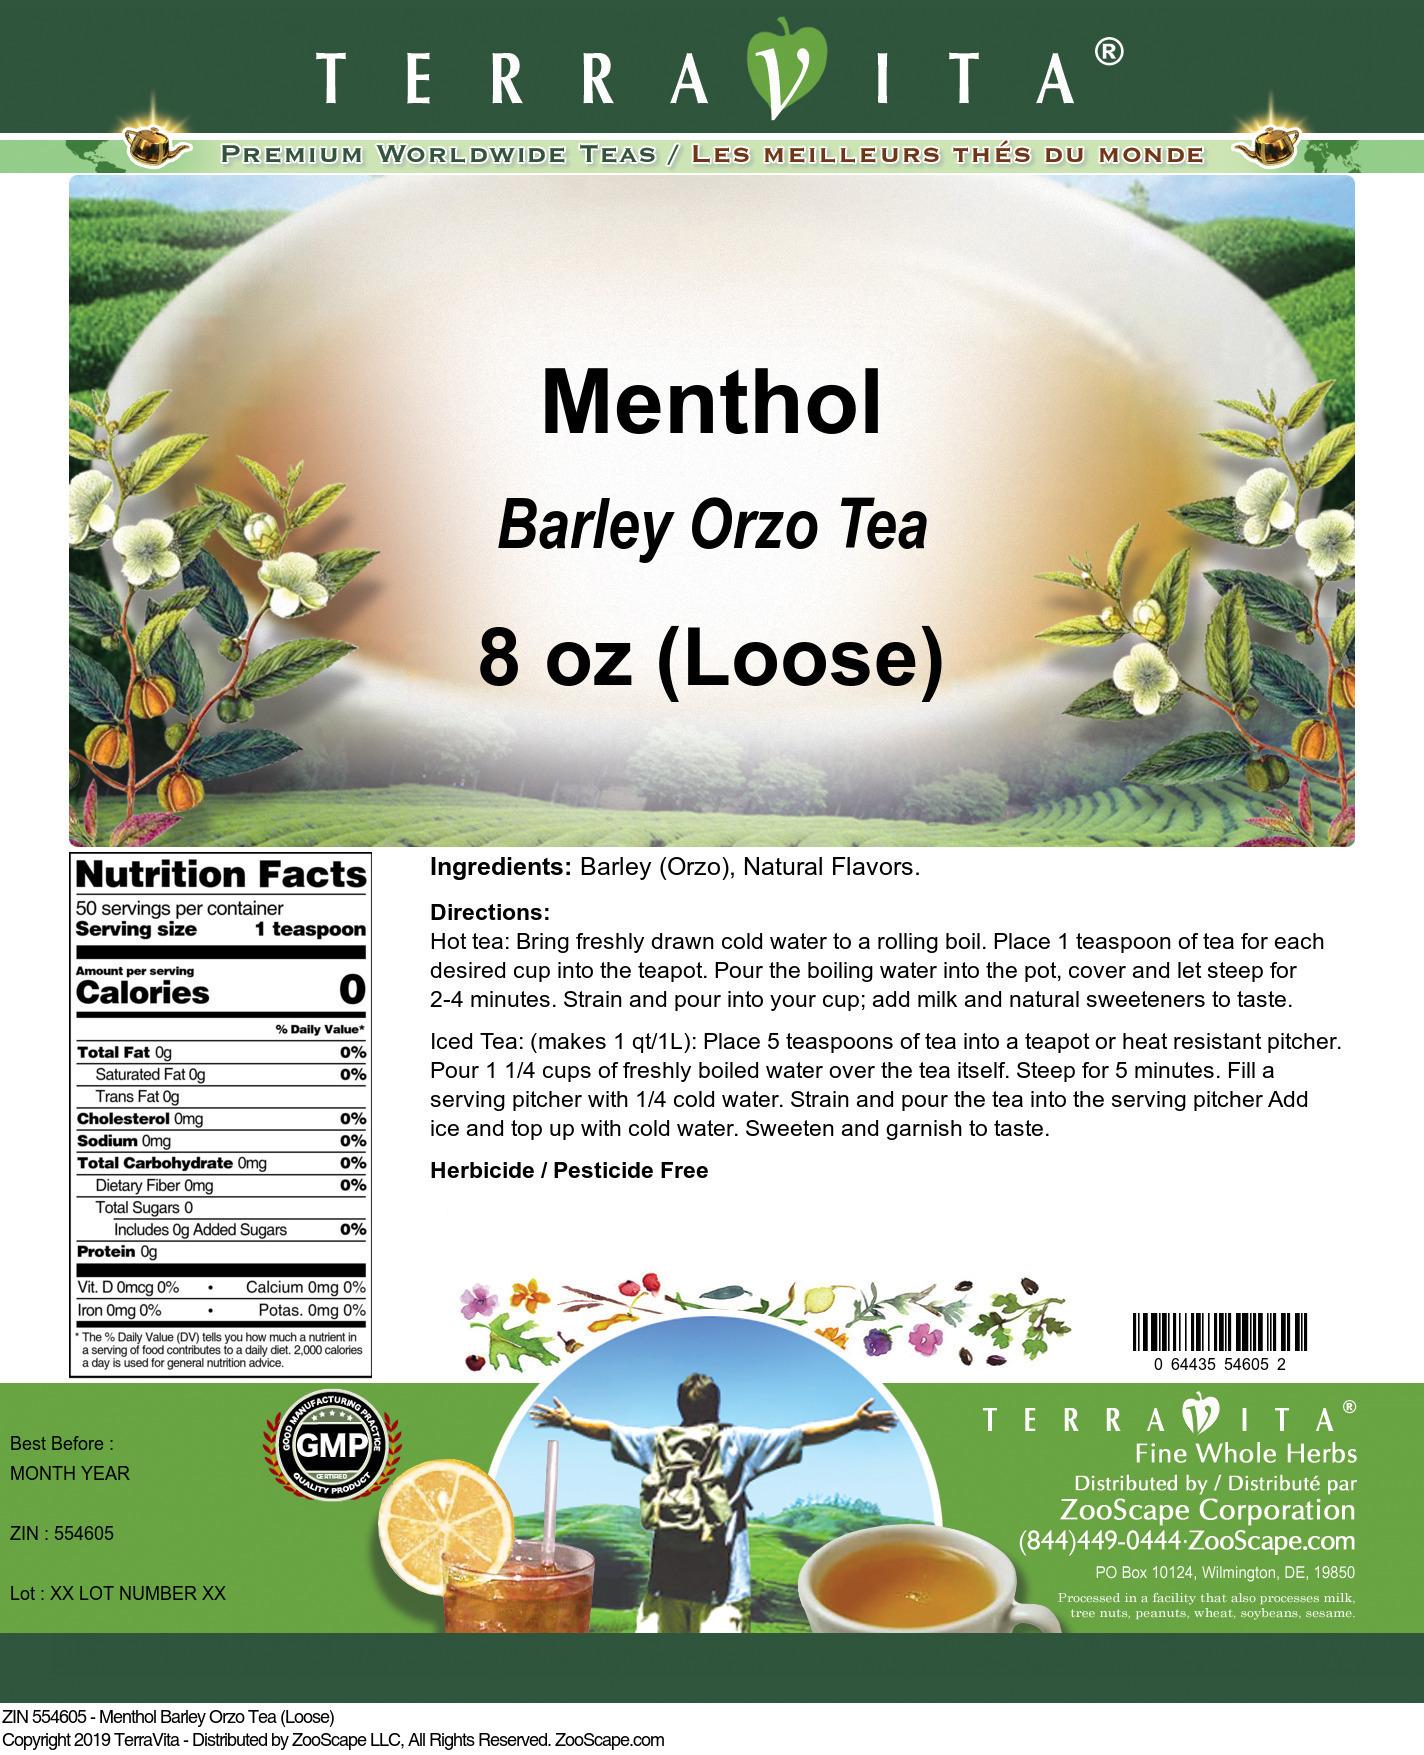 Menthol Barley Orzo